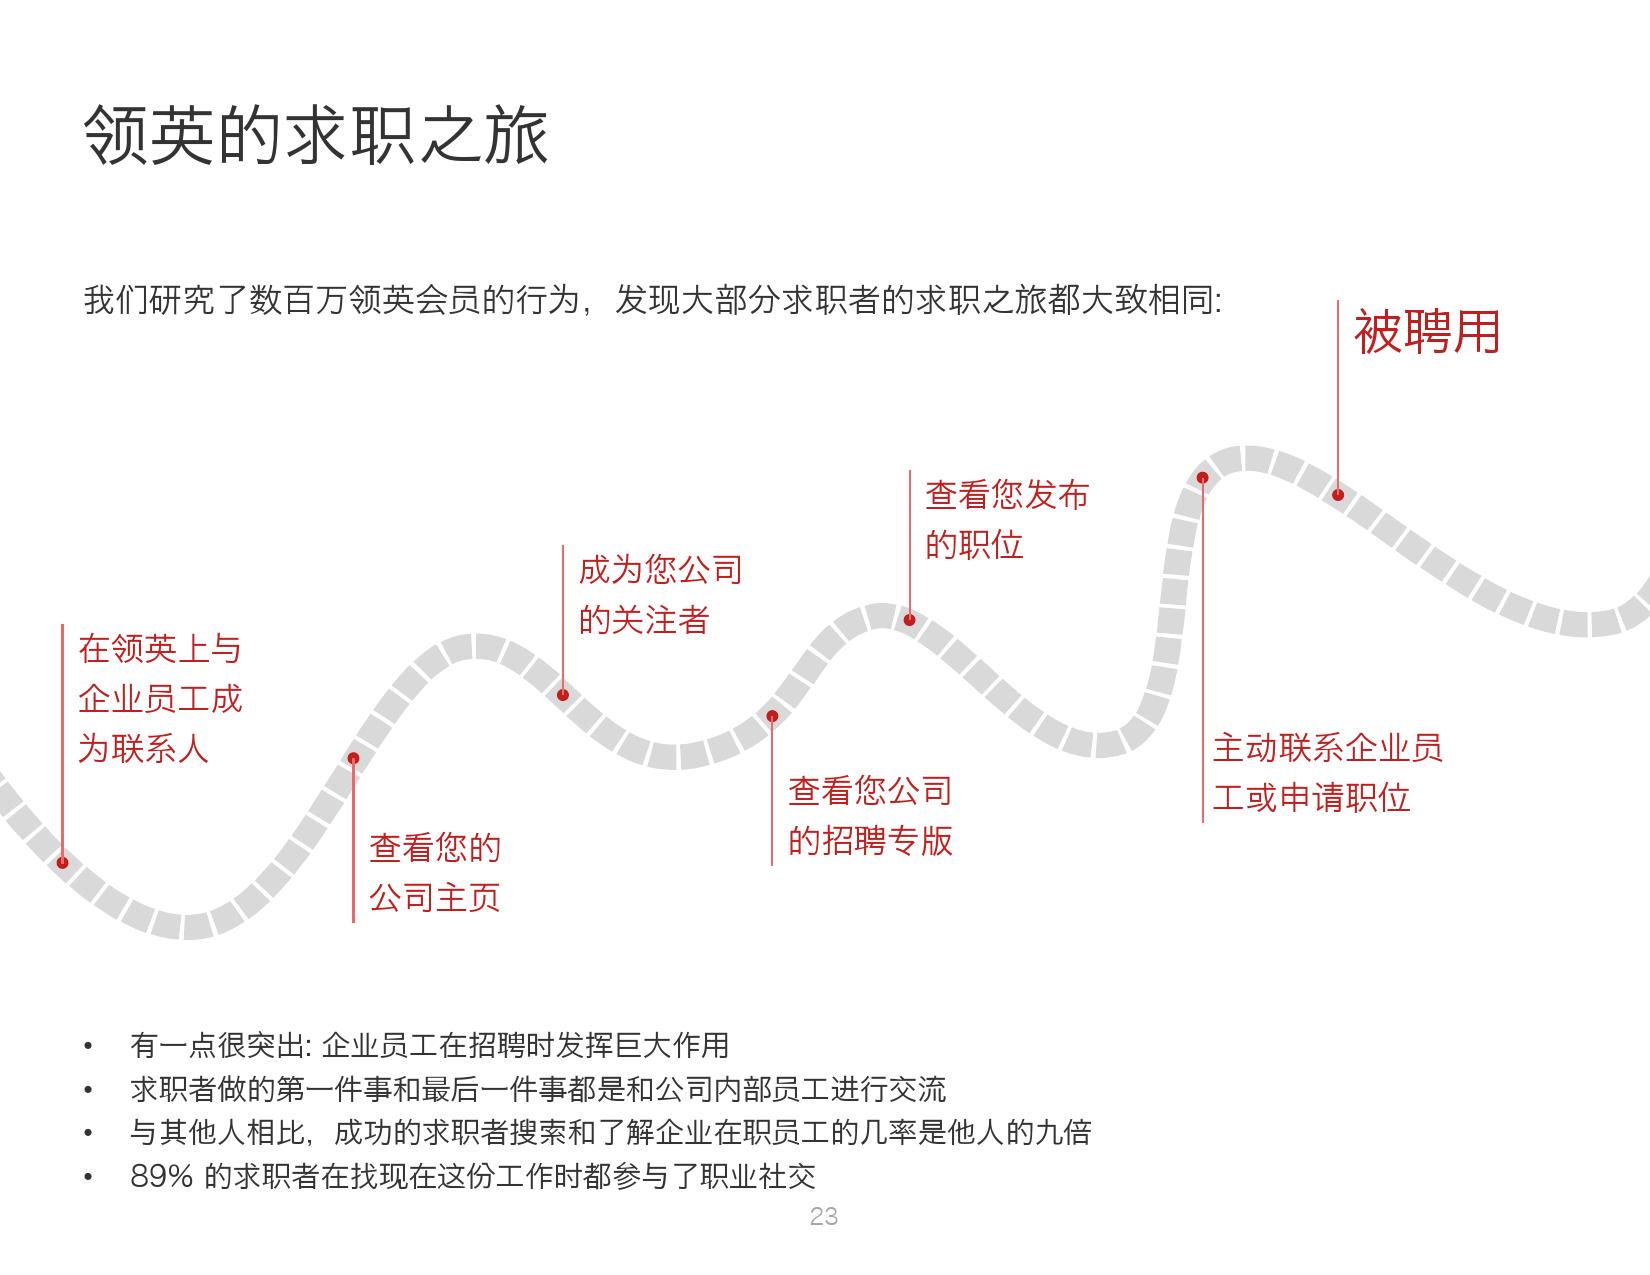 2016年中国人才趋势报告_000023